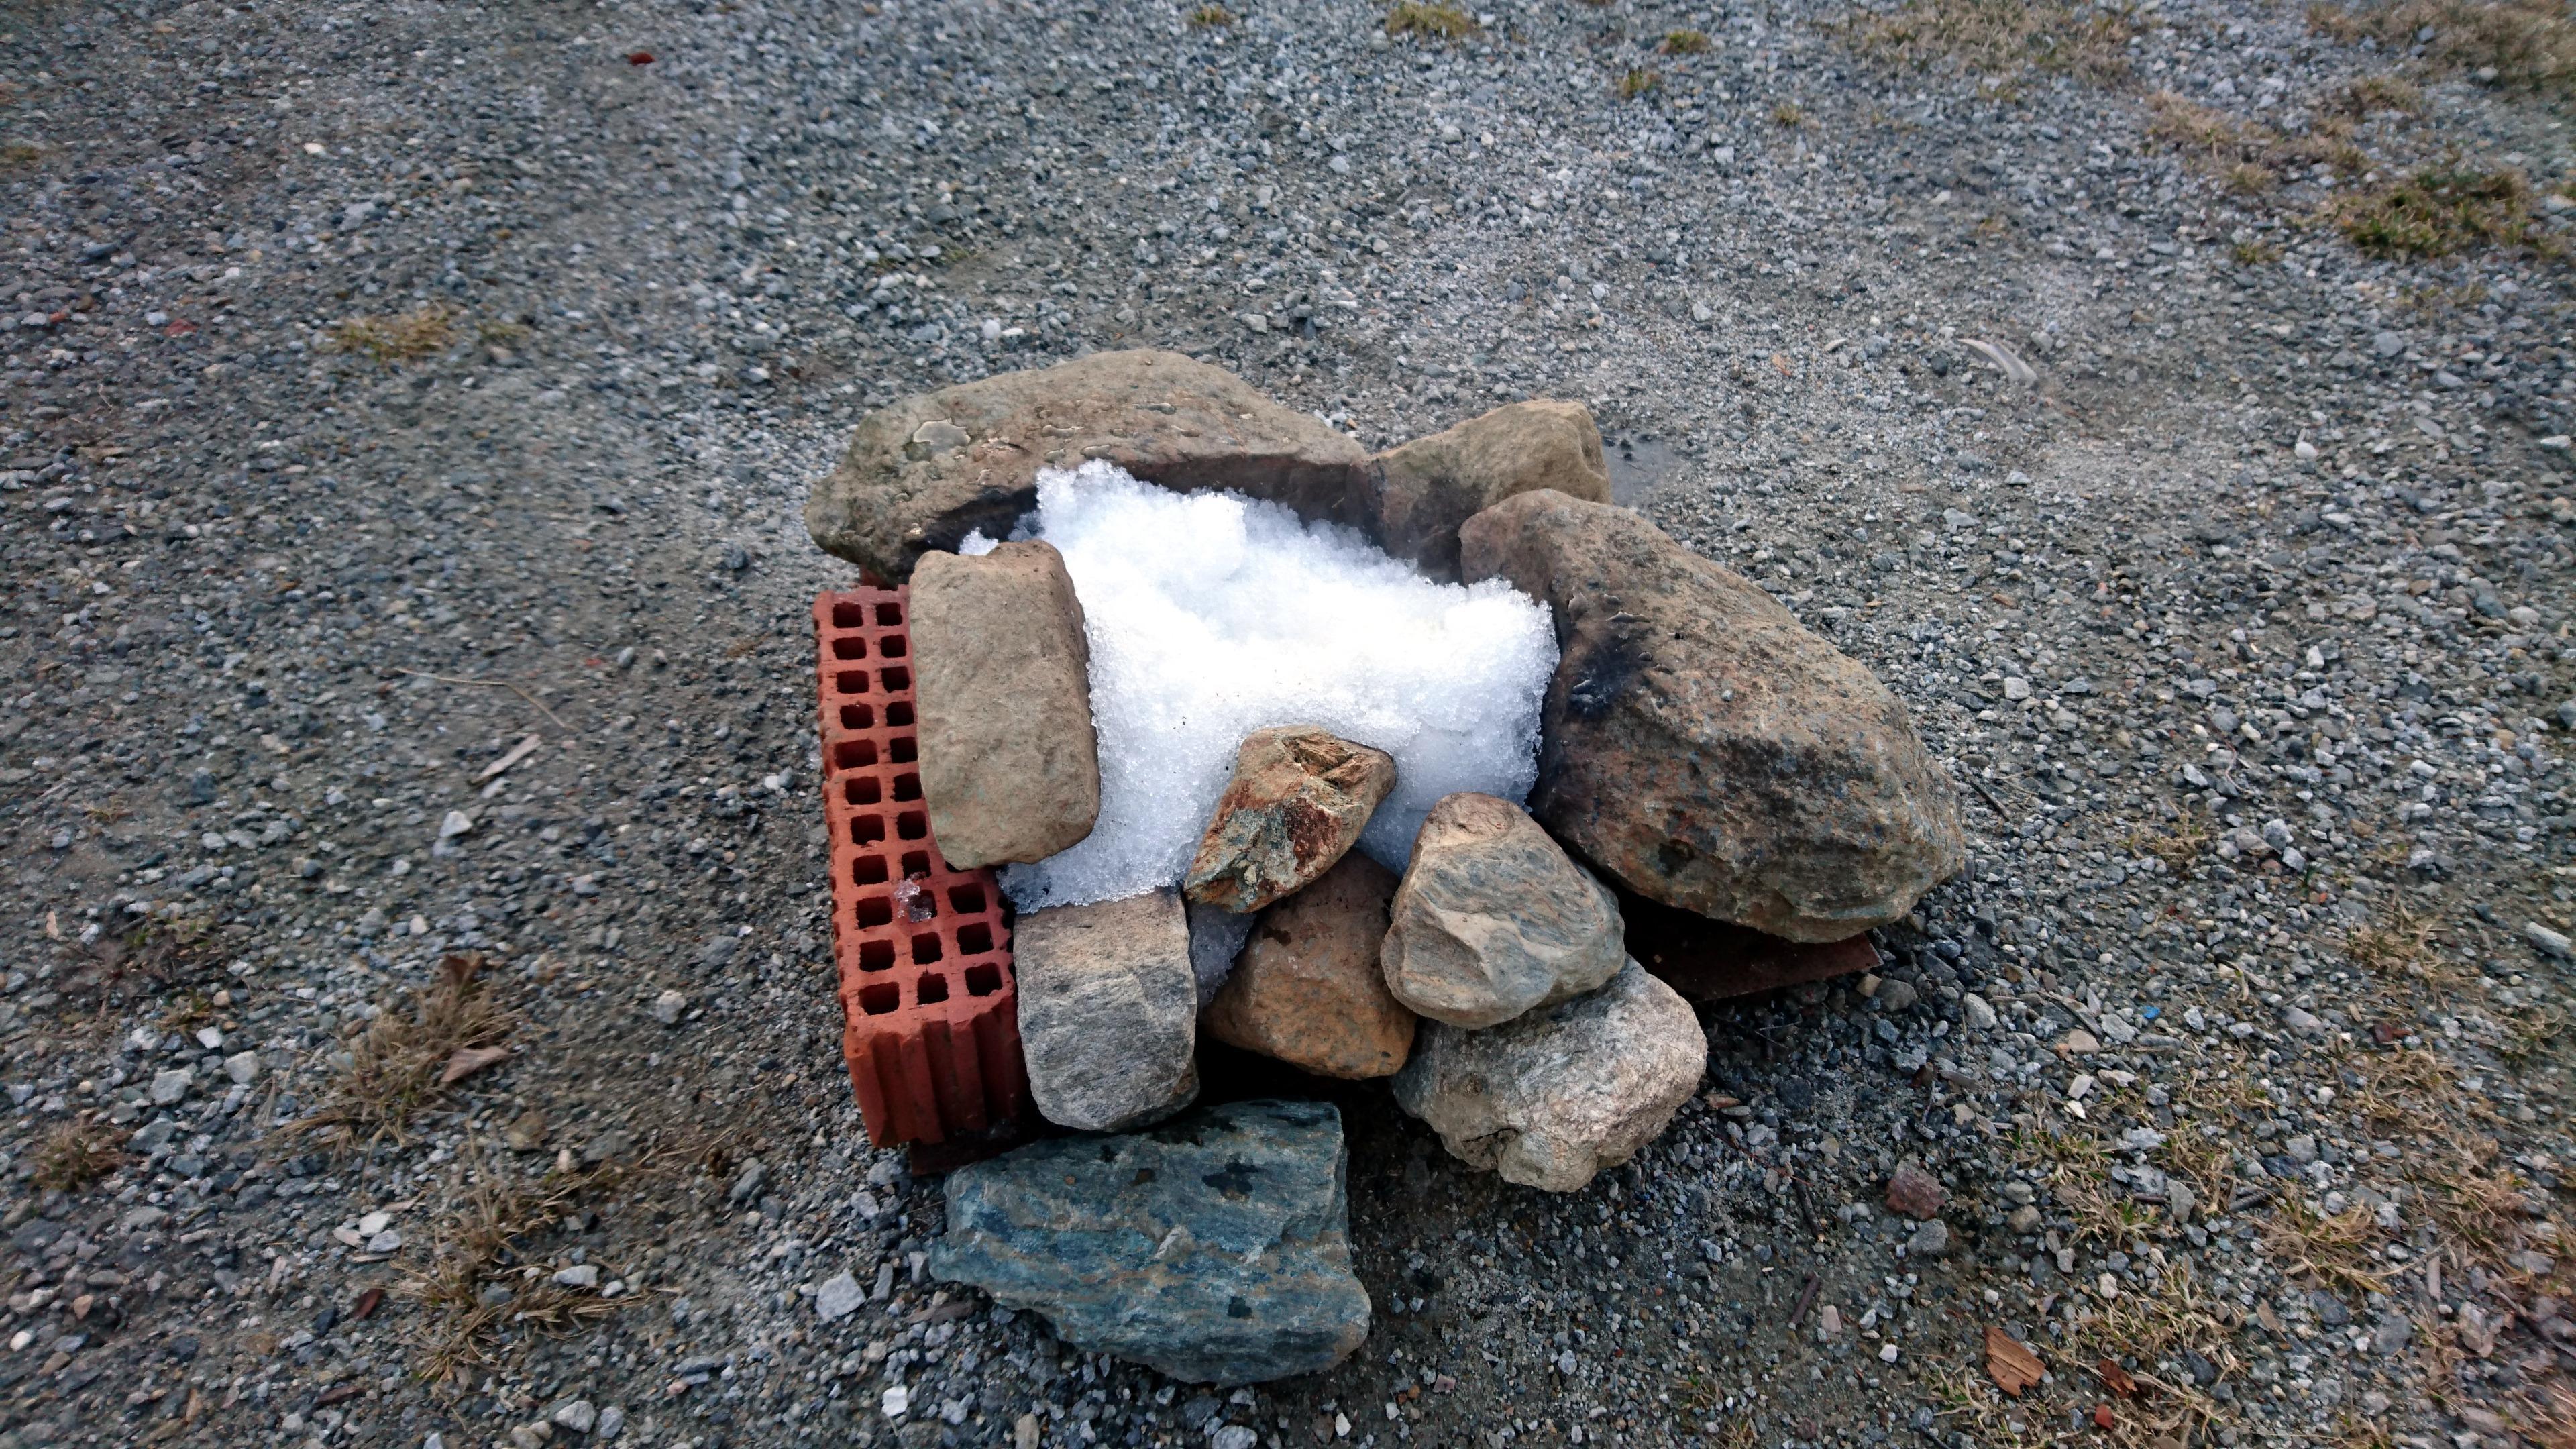 il fuocherello ha terminato la sua funzione, spegnamo le braci con la neve e ci prepariamo per la cena